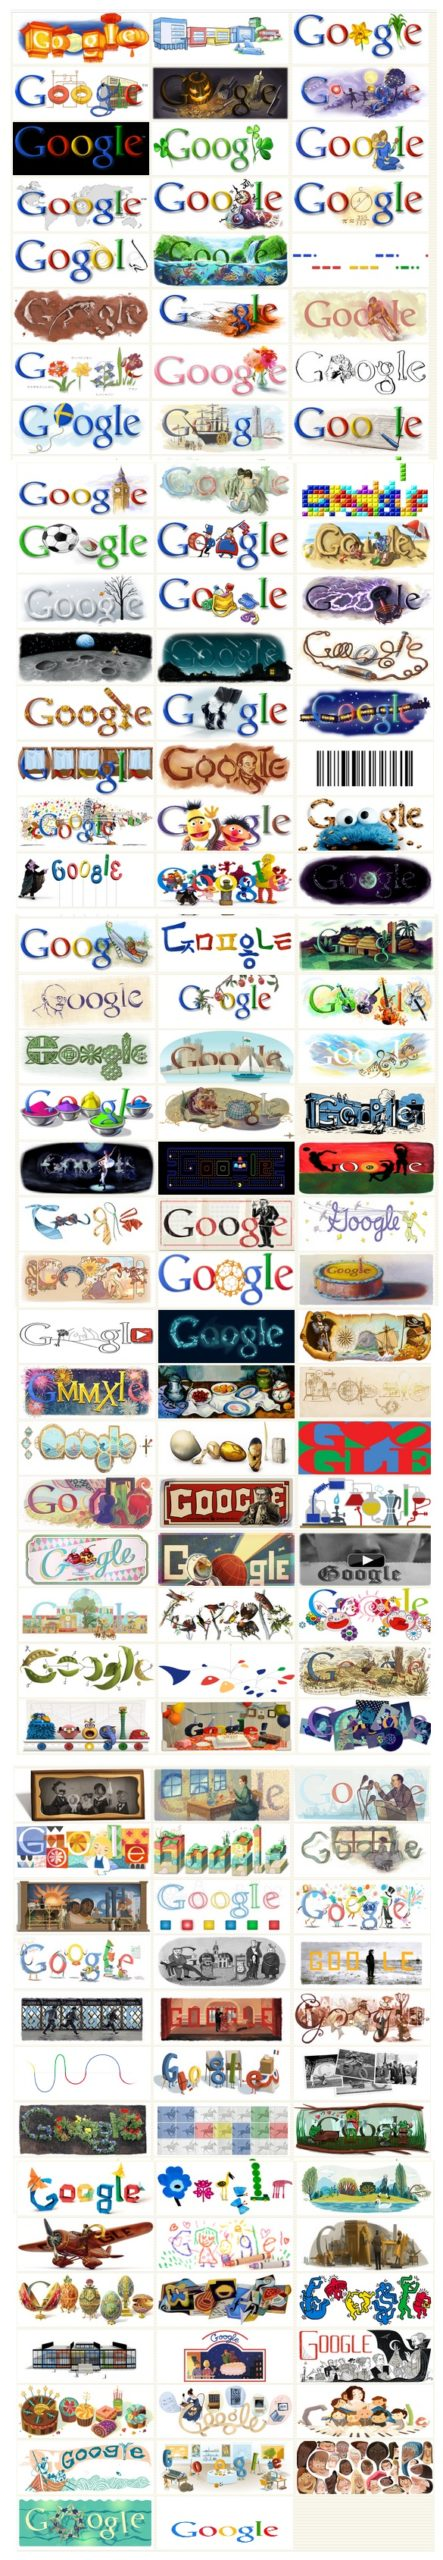 Collection de logos commémoratifs Google baptisés doodles